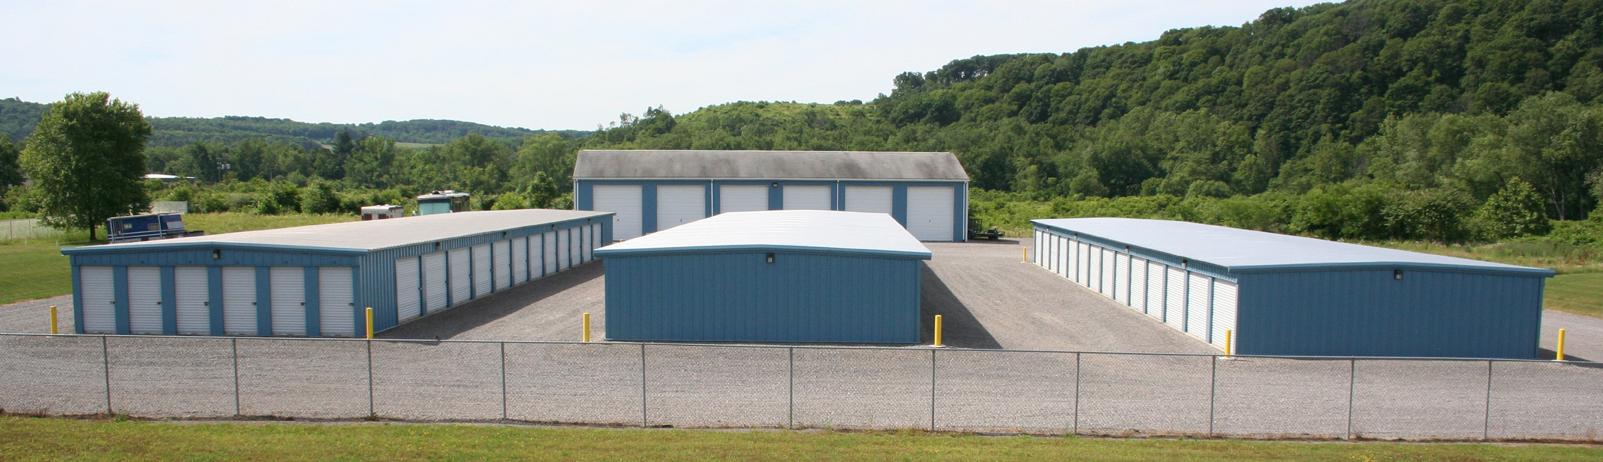 Facility_Picture